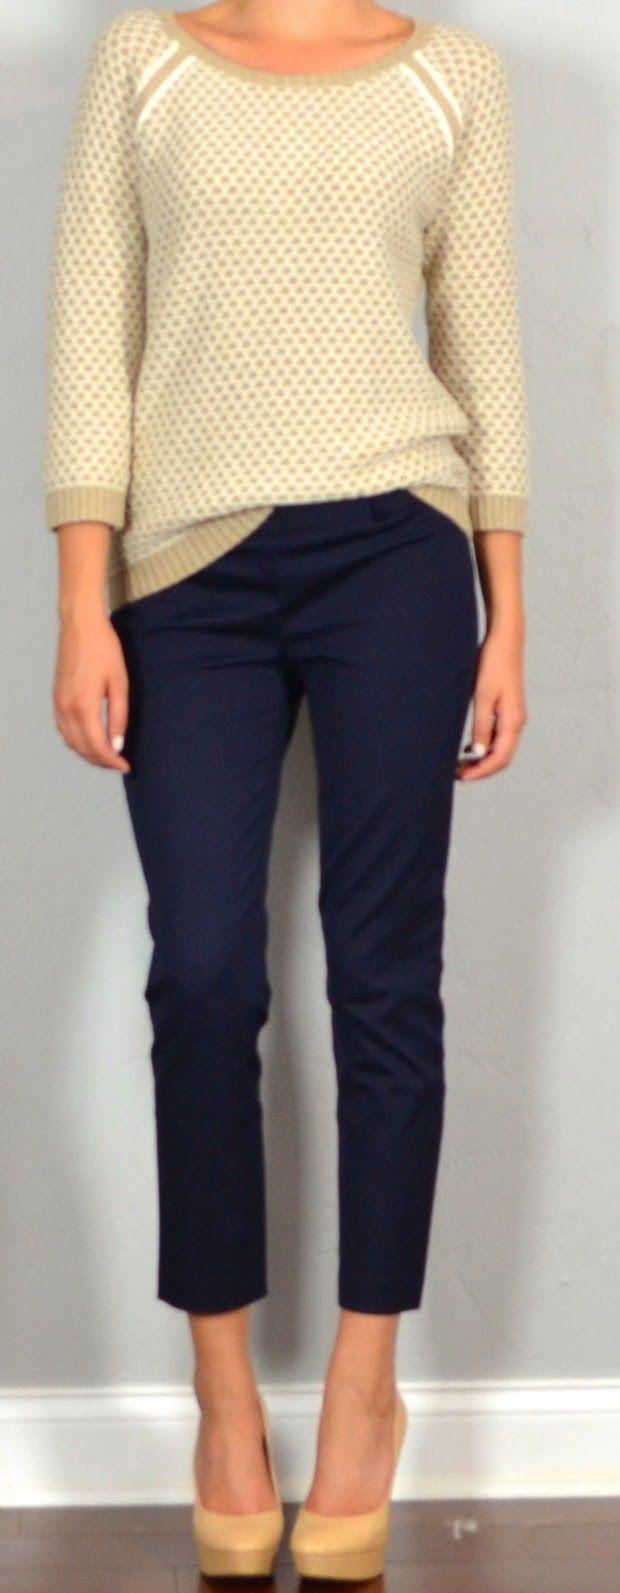 Guest outfit post – sister week: beige sweater, navy crop pants, nude heels